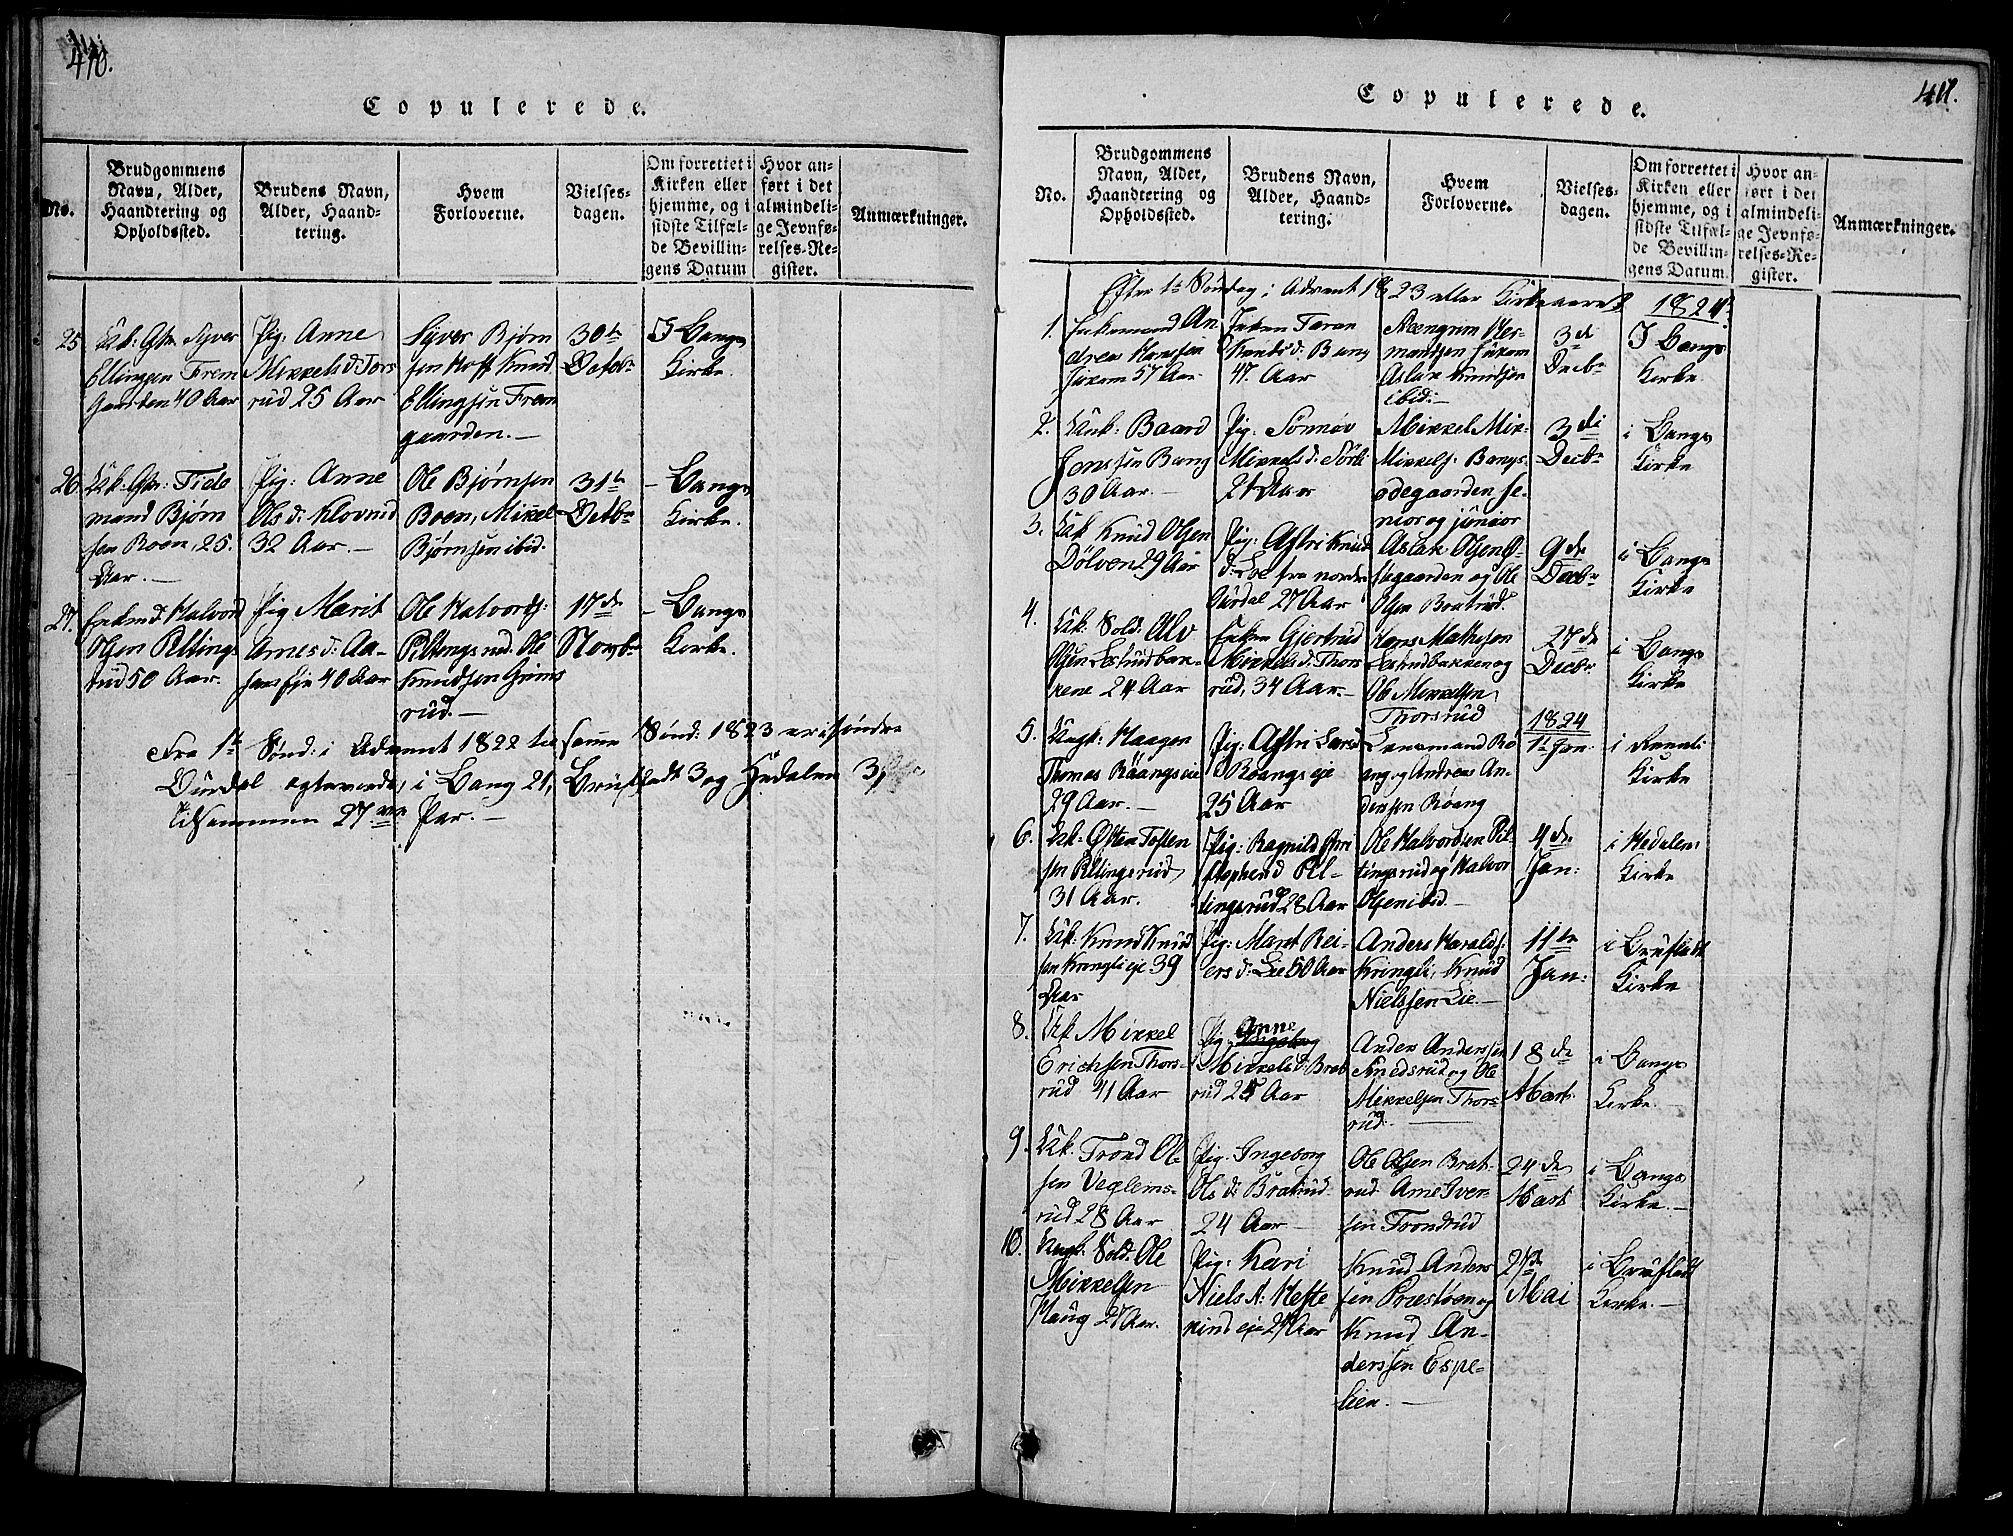 SAH, Sør-Aurdal prestekontor, Klokkerbok nr. 1, 1815-1826, s. 410-411